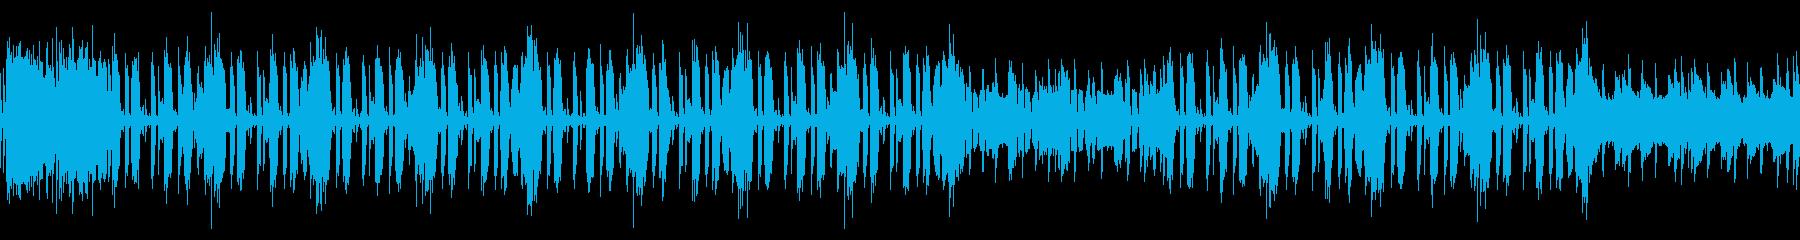 スリリングで疾走感のあるBGMの再生済みの波形